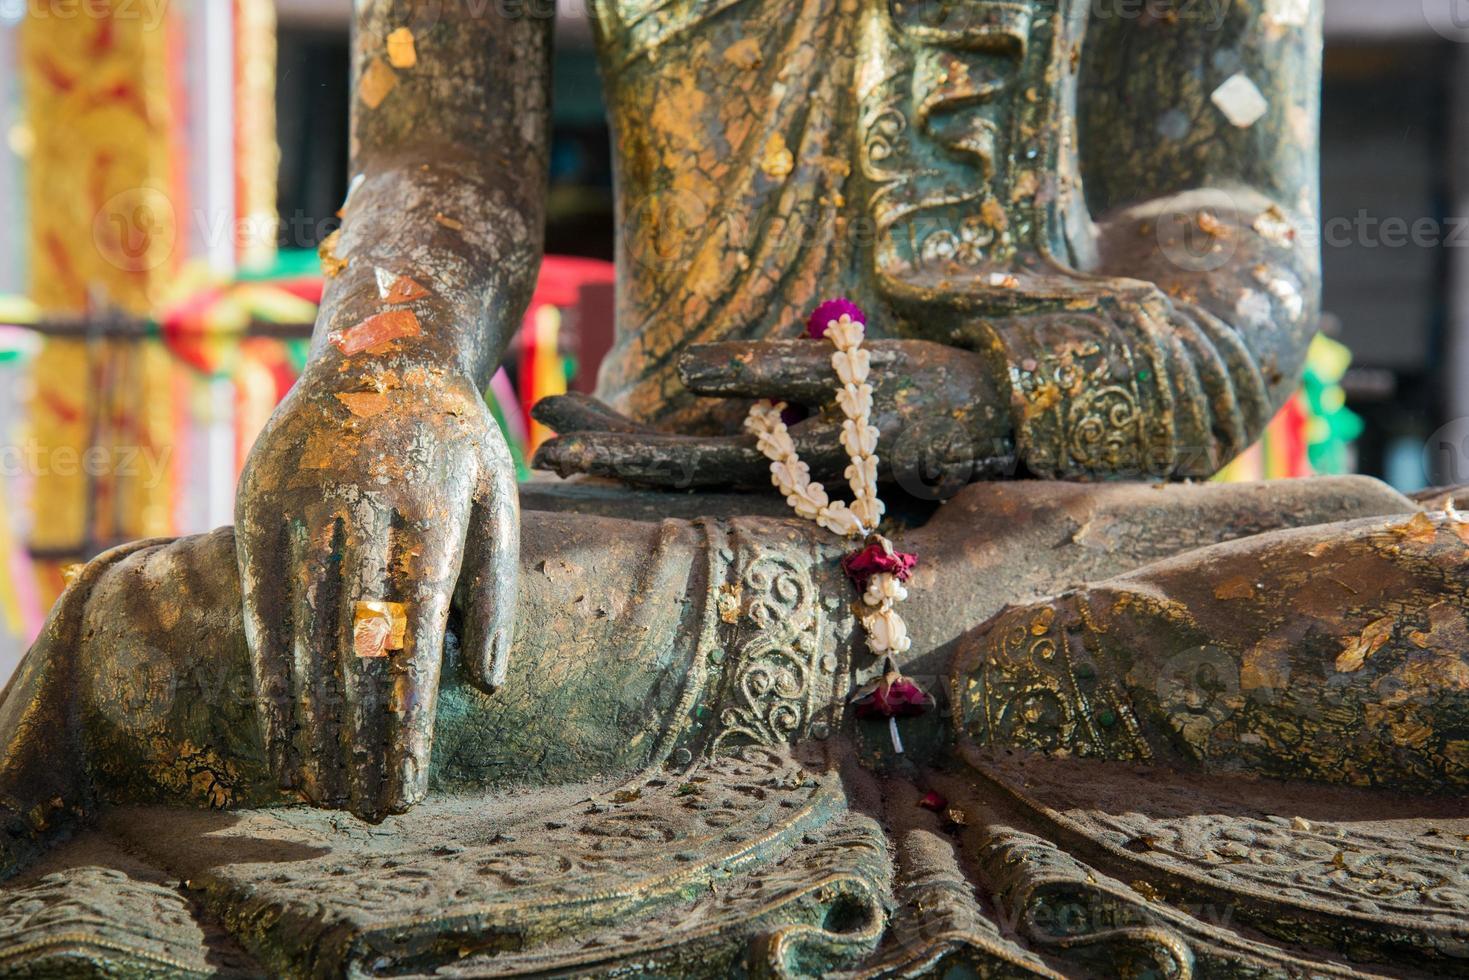 città panoramica di buddha in thailandia. foto